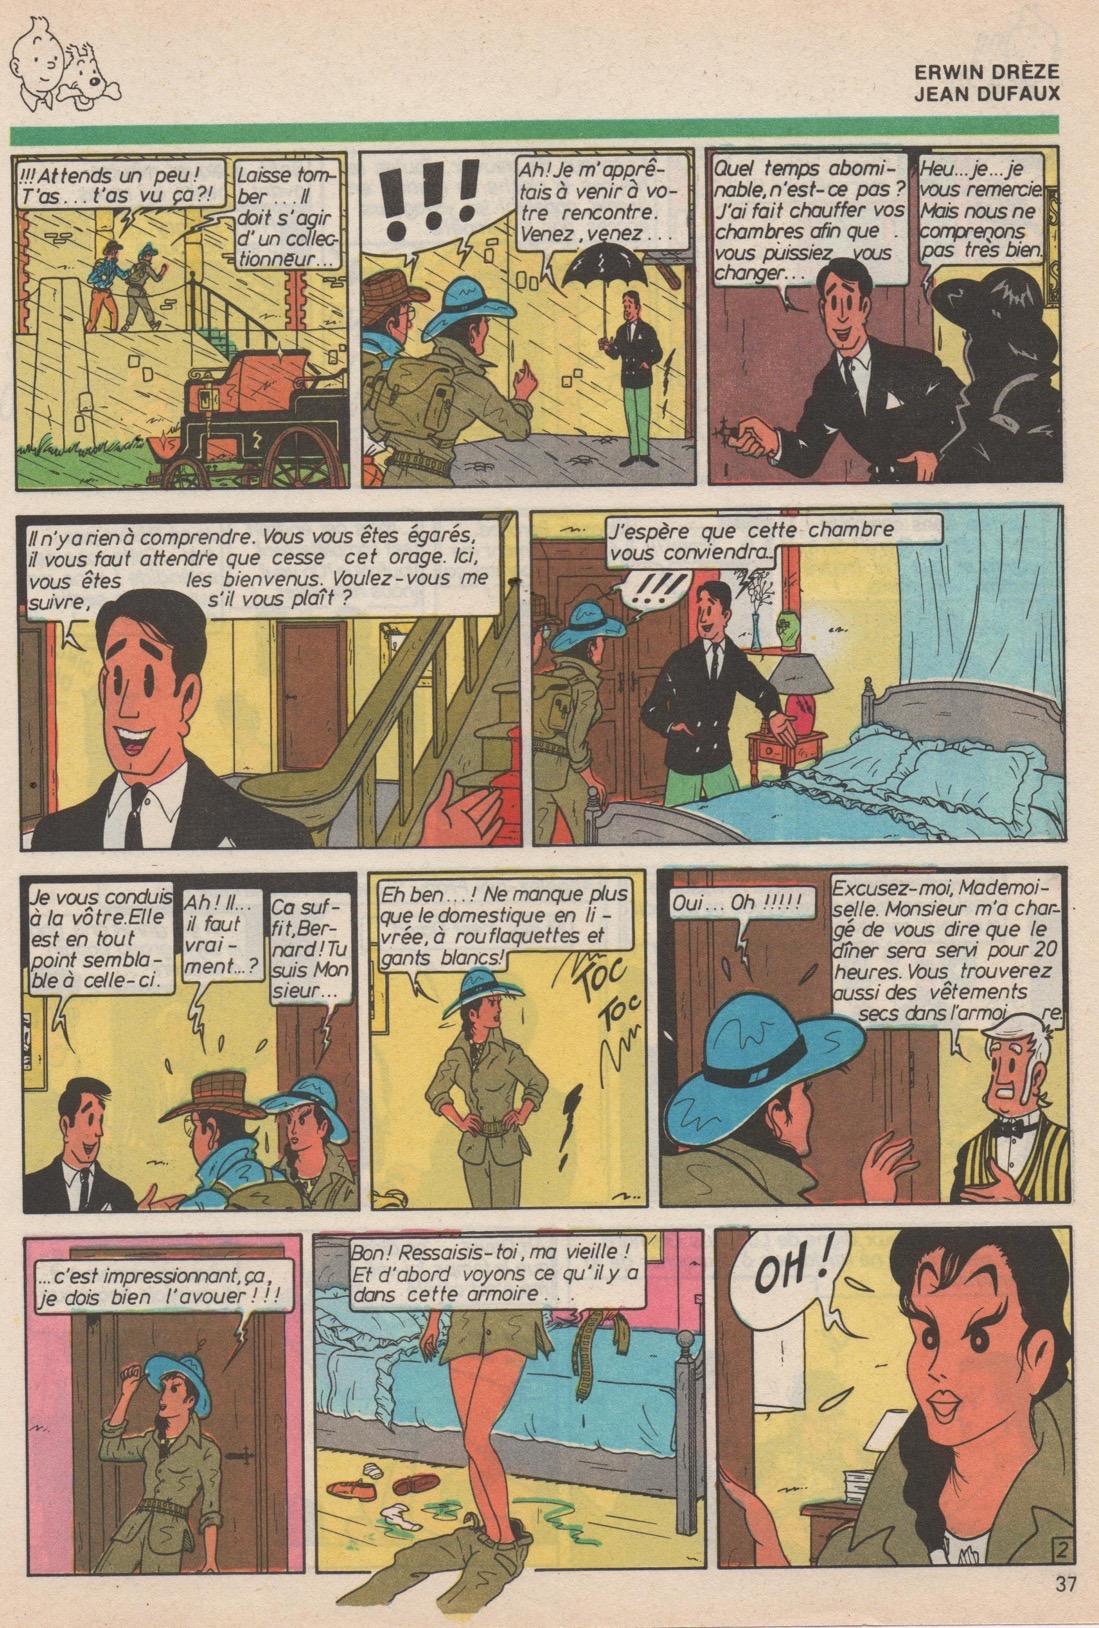 « L'Appel aux égarés », avec Jean Dufaux, dans le Super Tintin n° 30 de septembre 1985.